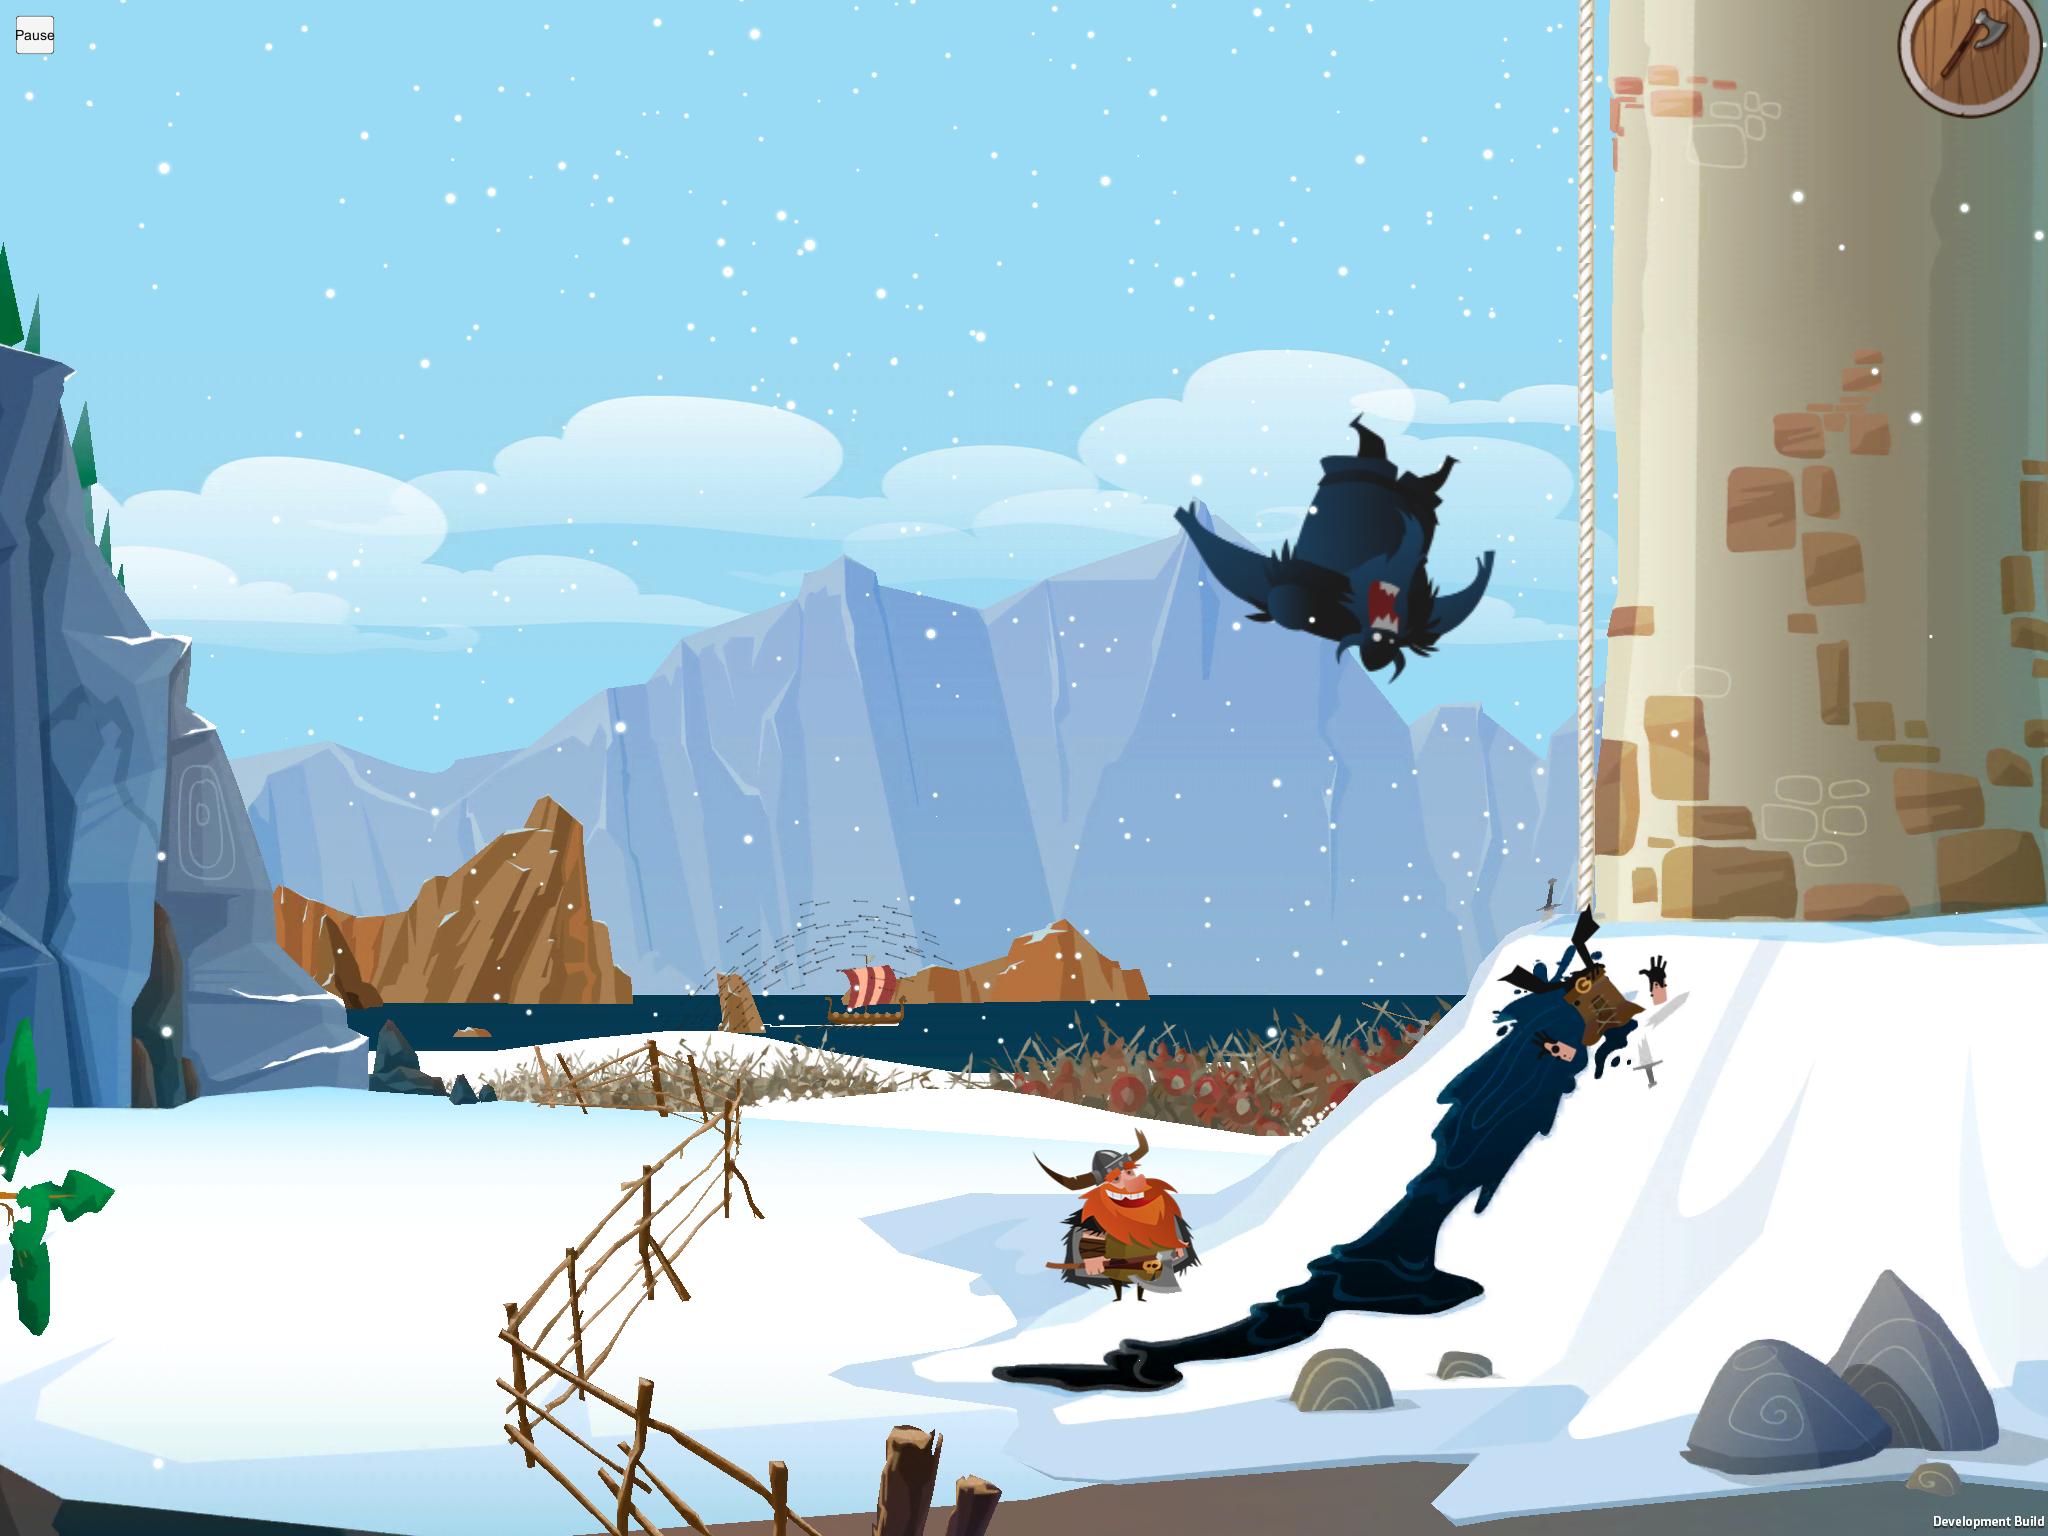 Die With Glory – Внутренняя кухня разработки игры, ч.1 - Изображение 5